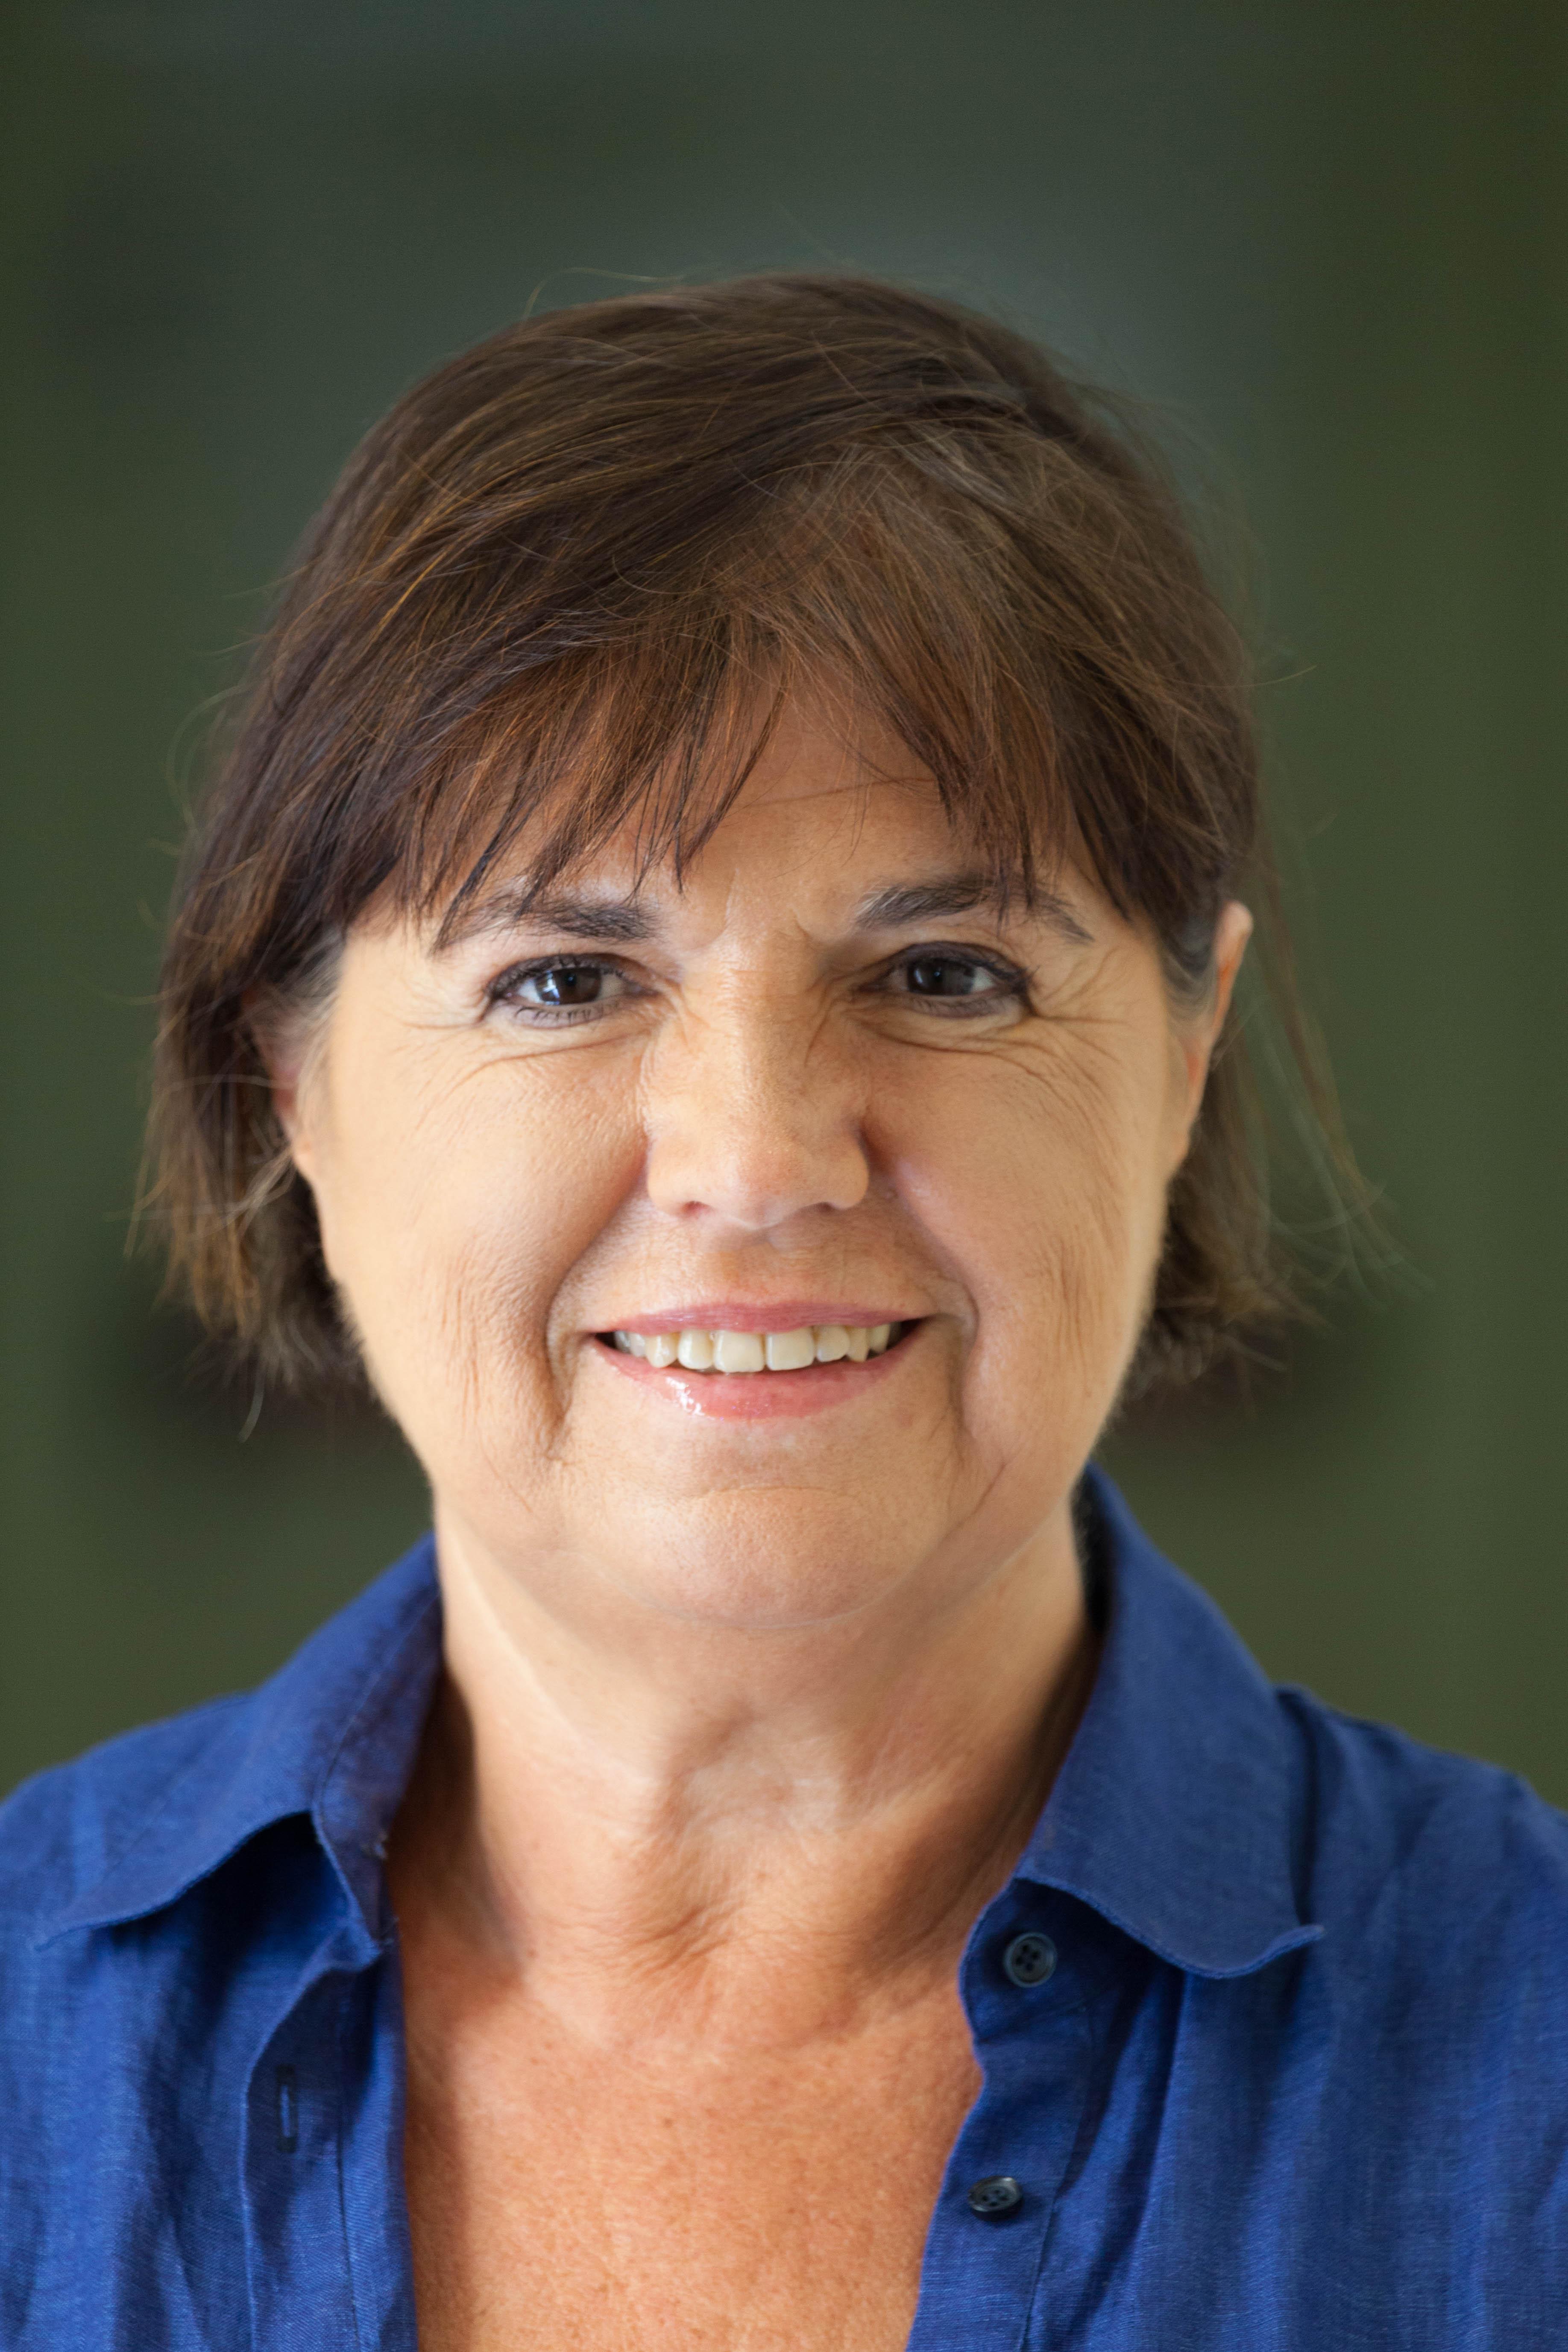 PAOLA GIUCCA - Supervision, Risks & Profitability